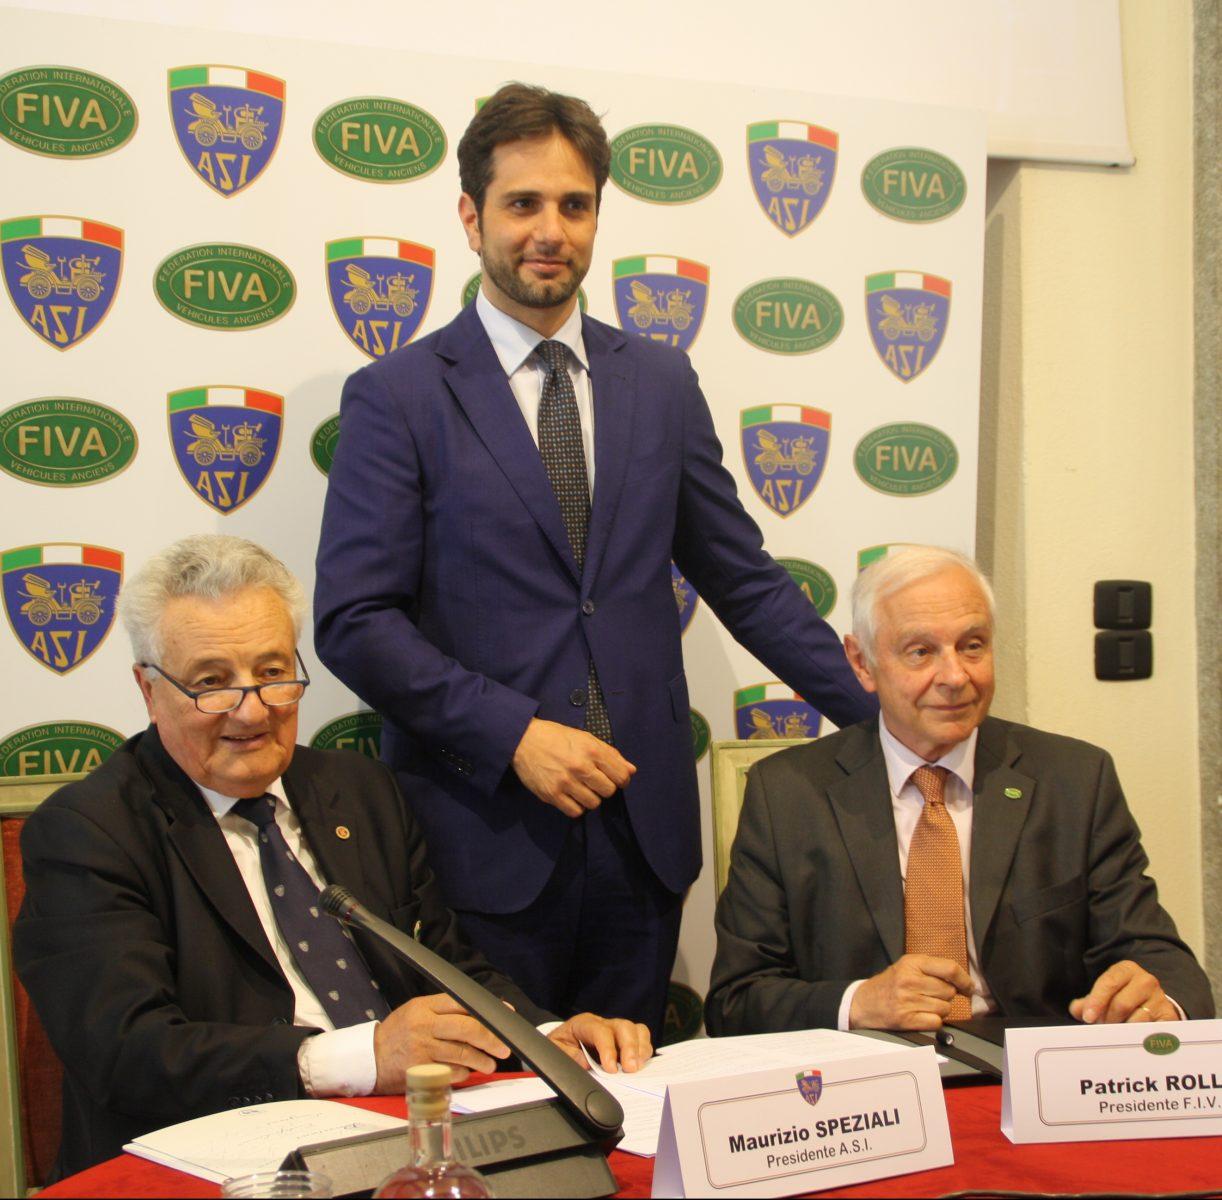 Accordo storico: la nuova sede della Fiva è a Villa Rey